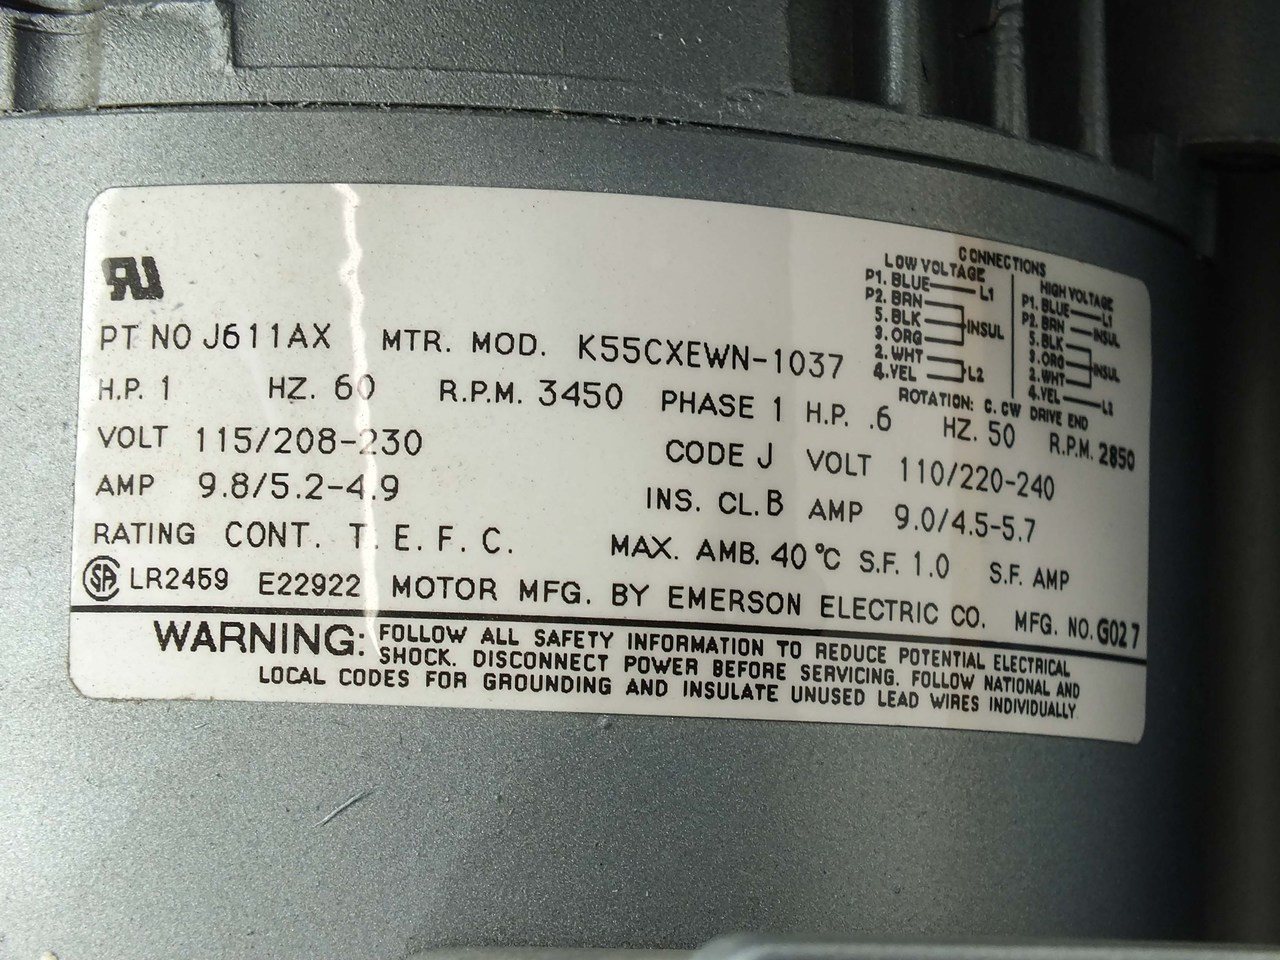 gast r4110 2 regenair regenerative blower 1 hp, 115 208 230v, 50 60hz, 1 phase  regenerative blower appl dg200 11ts